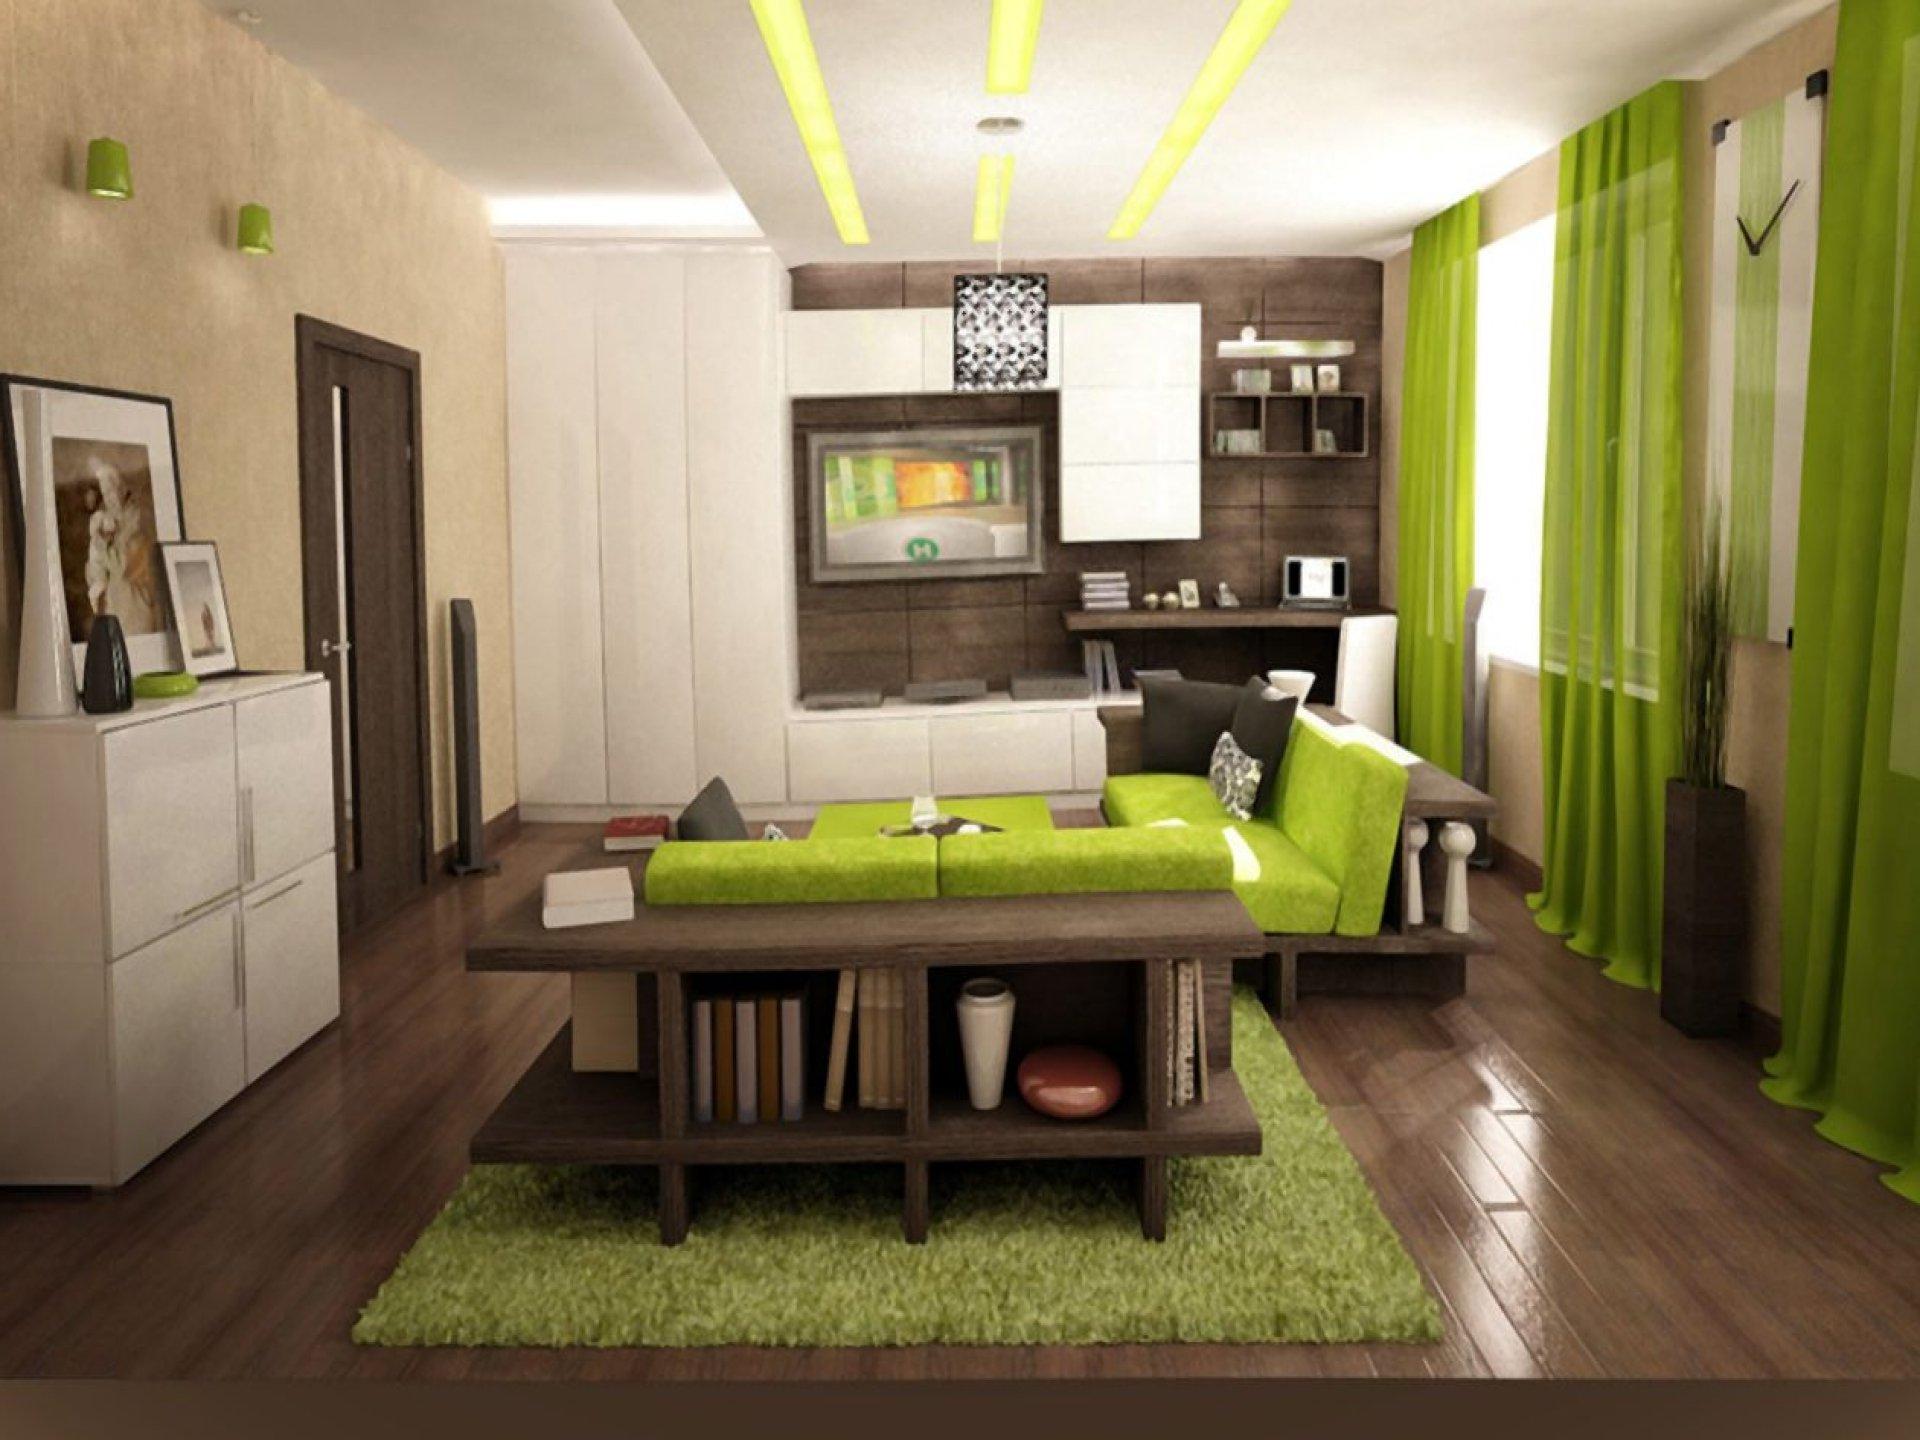 Интерьер для зеленой квартиры